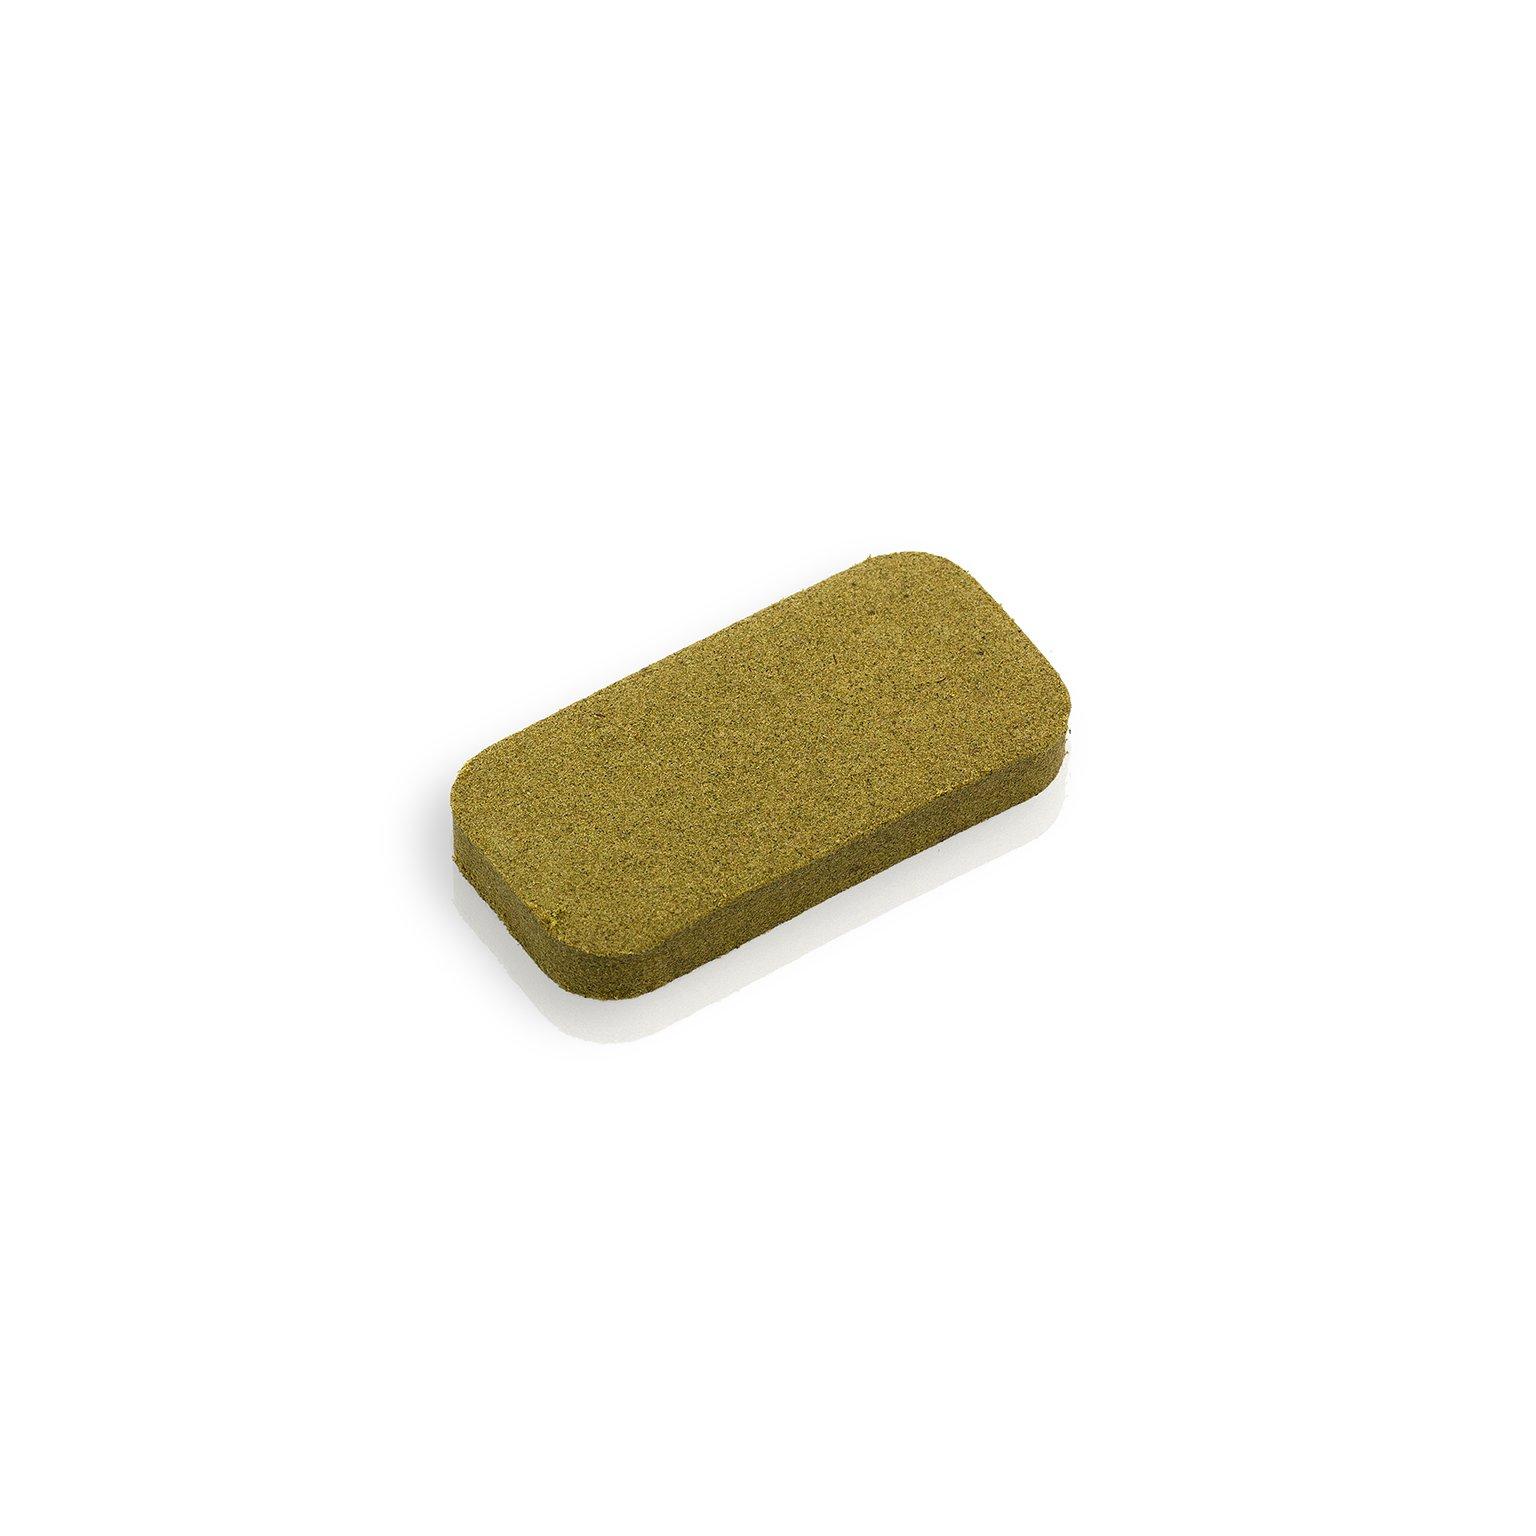 Pollen de CBD Indoor Gold - zoom. Contre stress, anxiété et douleurs